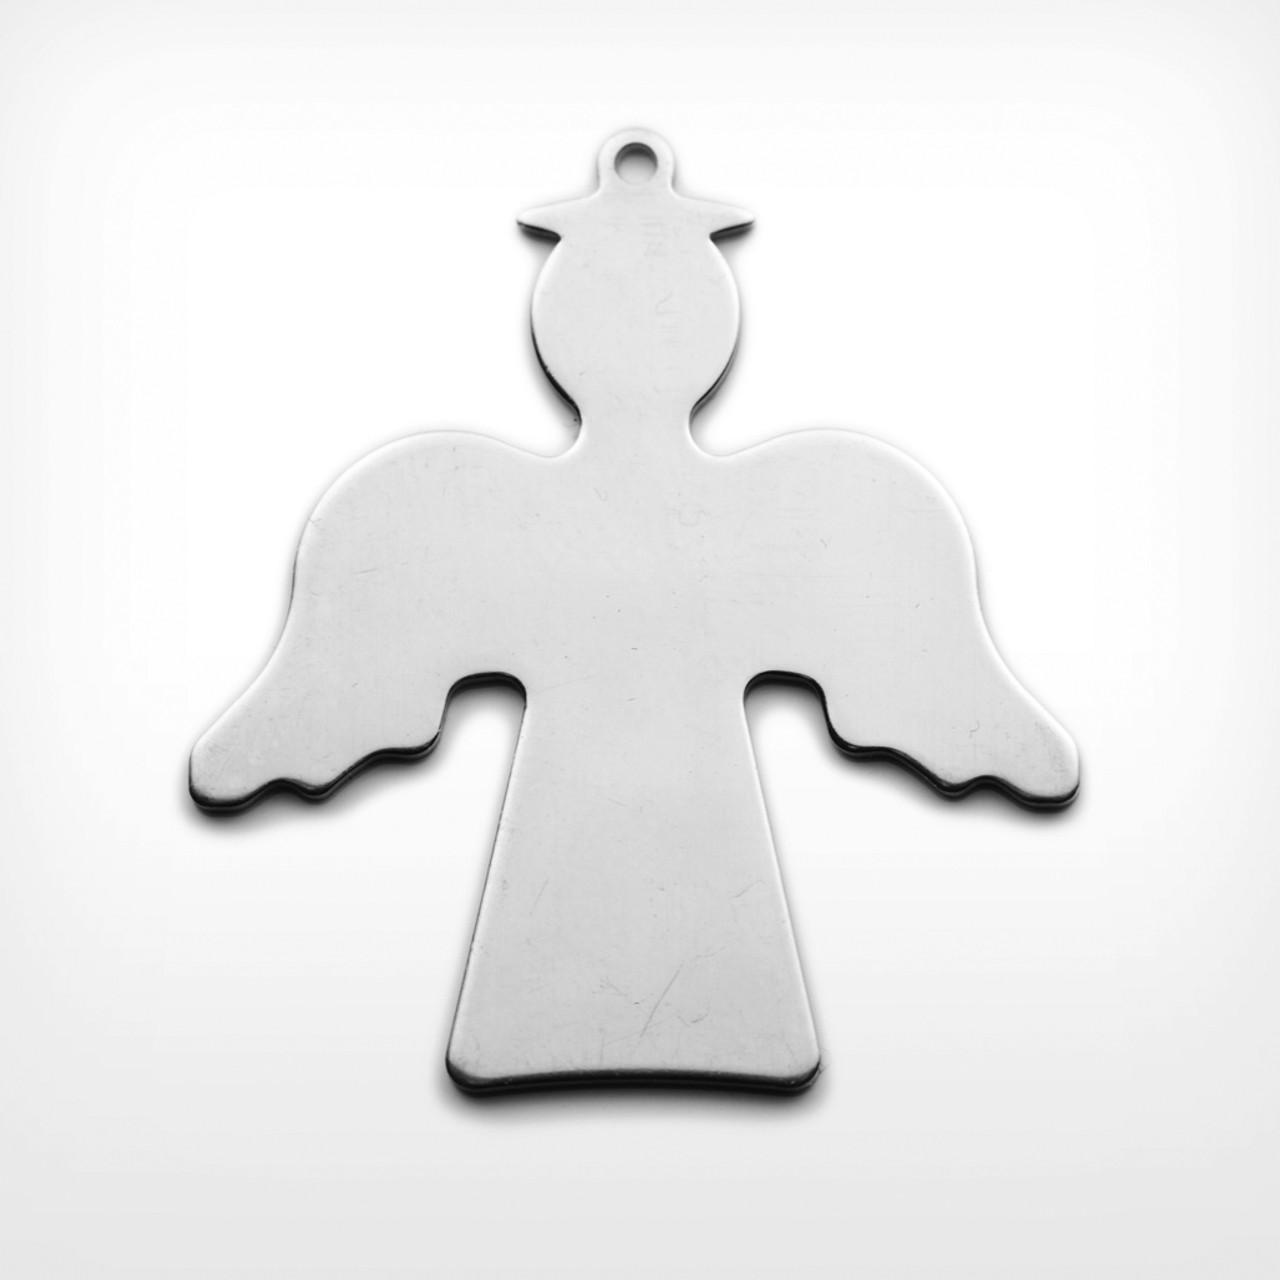 Aluminium Angel, with lug - Pack of 10 (440-AL)